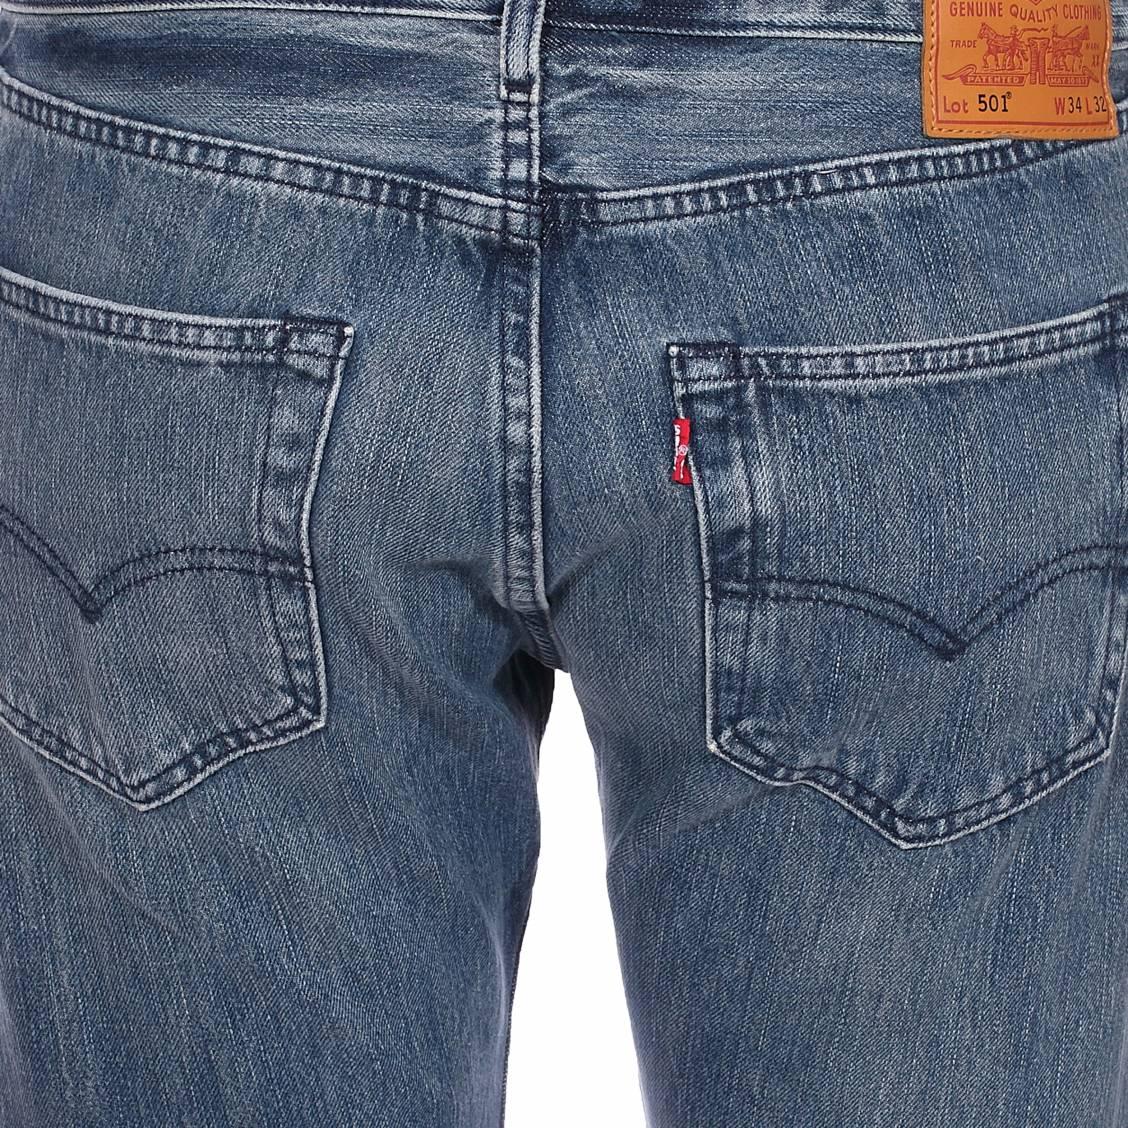 4a75c206c3ed4 ... Jean Levi's 501 Original Fit Tissue en coton stretch bleu délavé ...